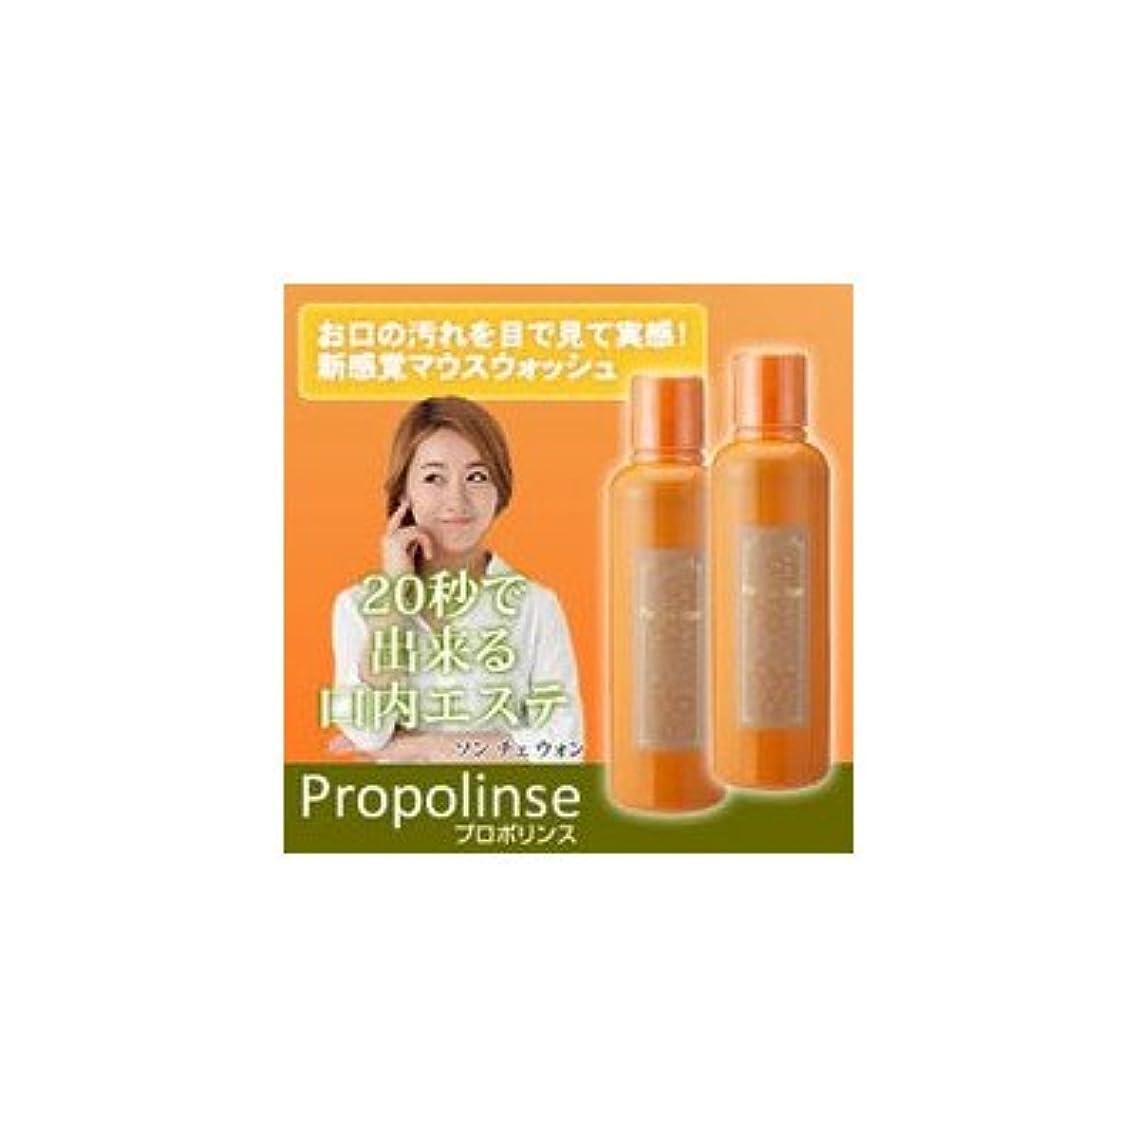 ラフレシアアルノルディ利用可能幻滅する汚れが見て分かる口内洗浄液 プロポリンス600ML 2本セット